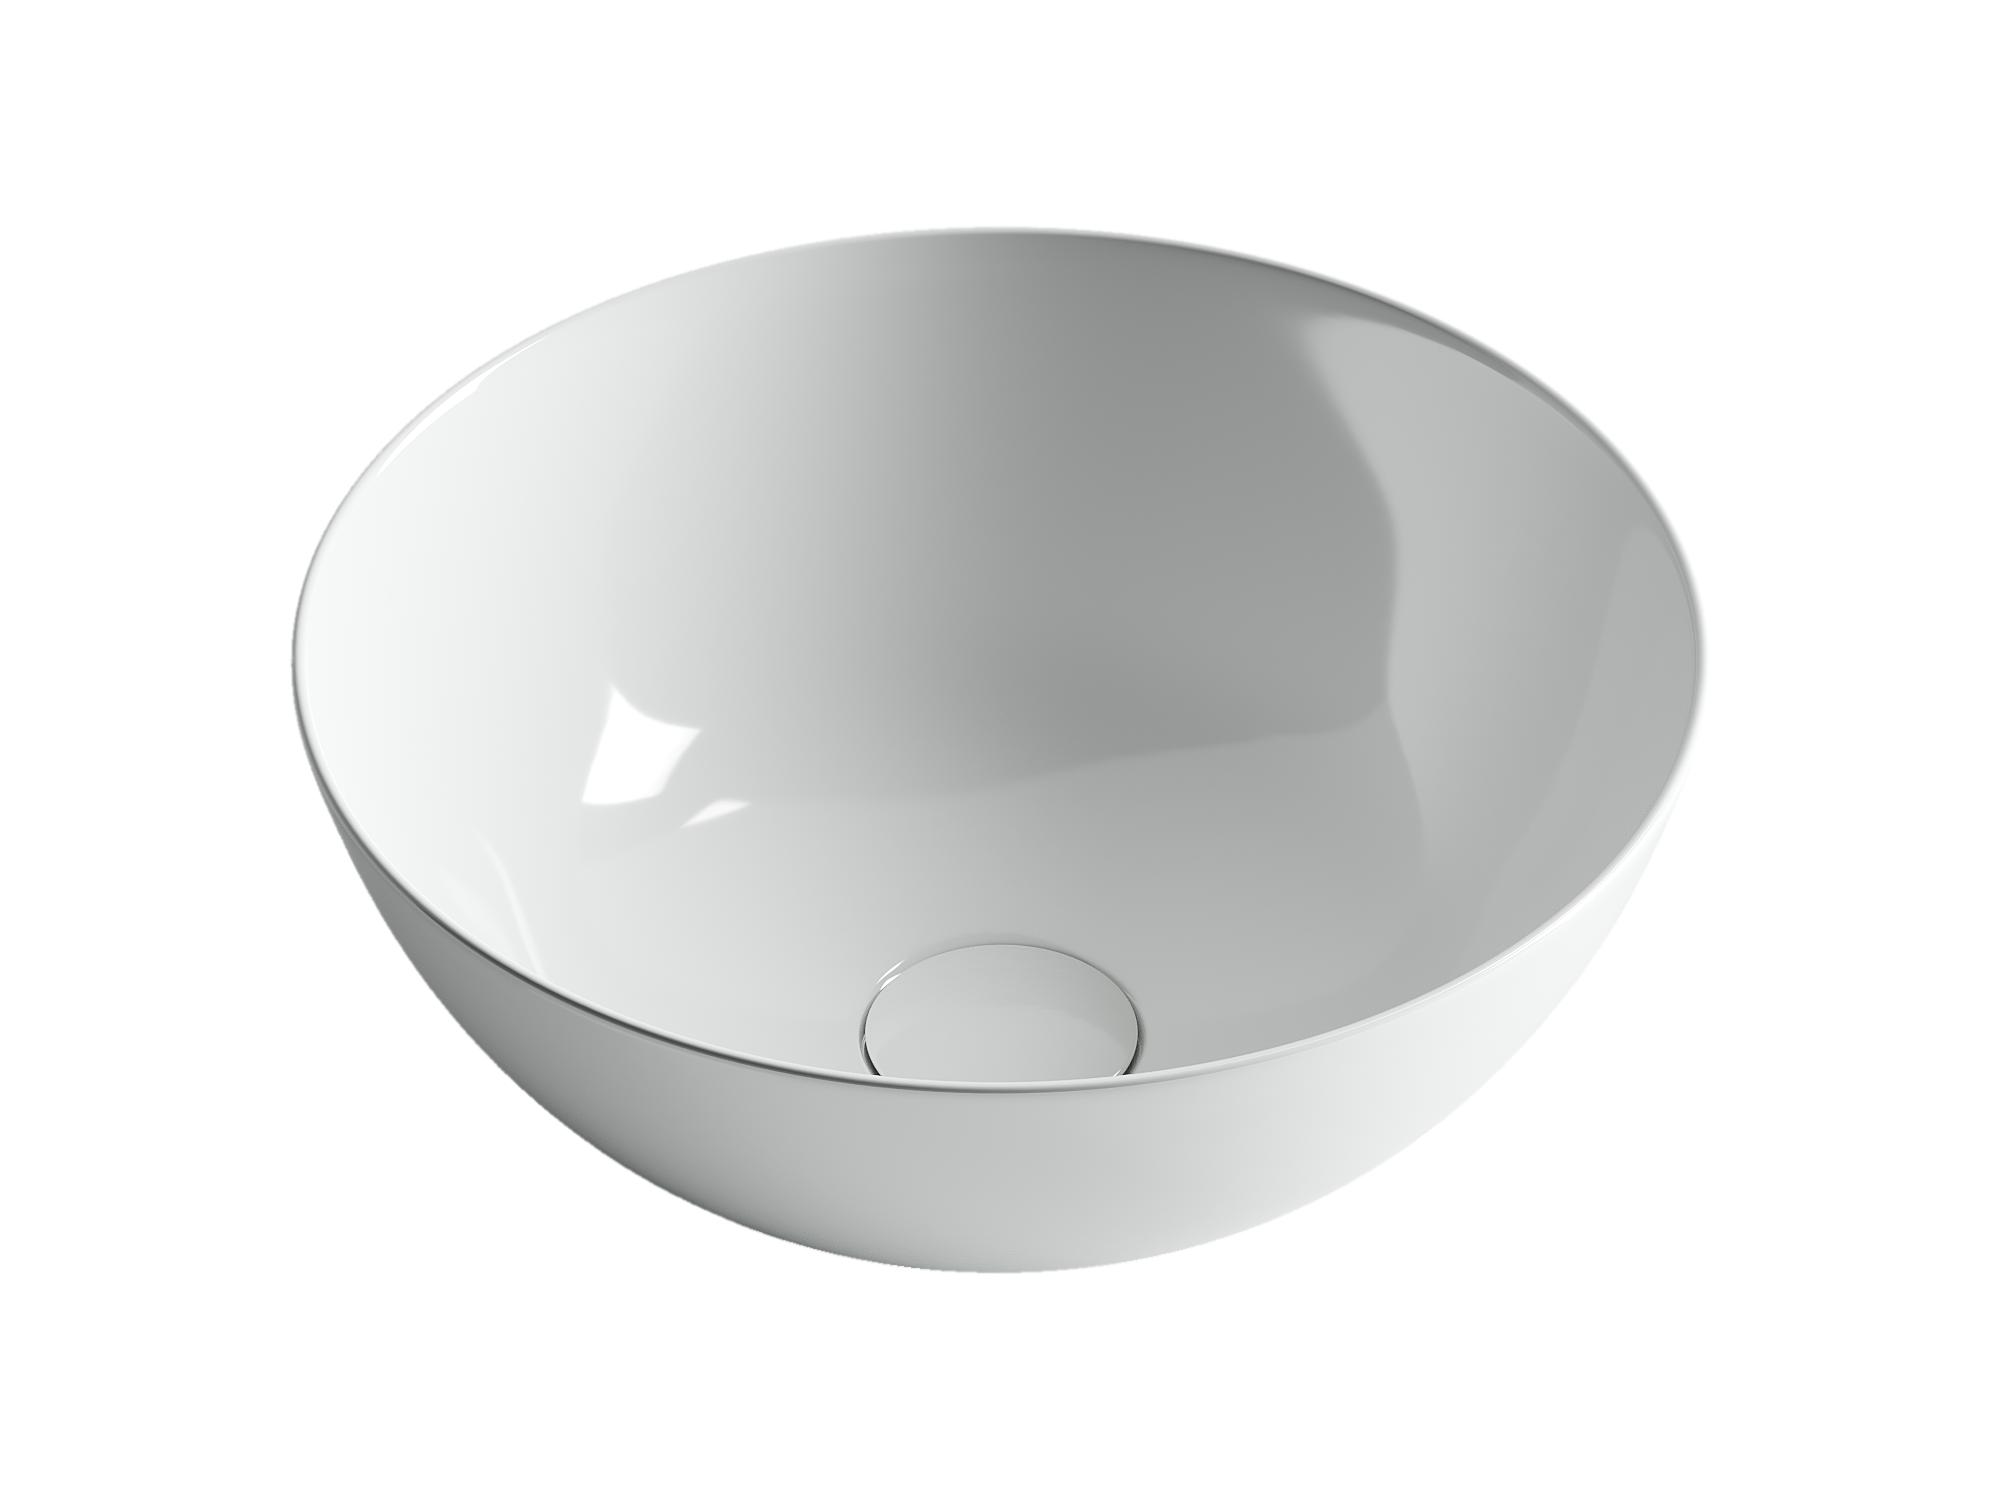 Раковина чаша накладная круглая  Element CN6002 358x358x155мм